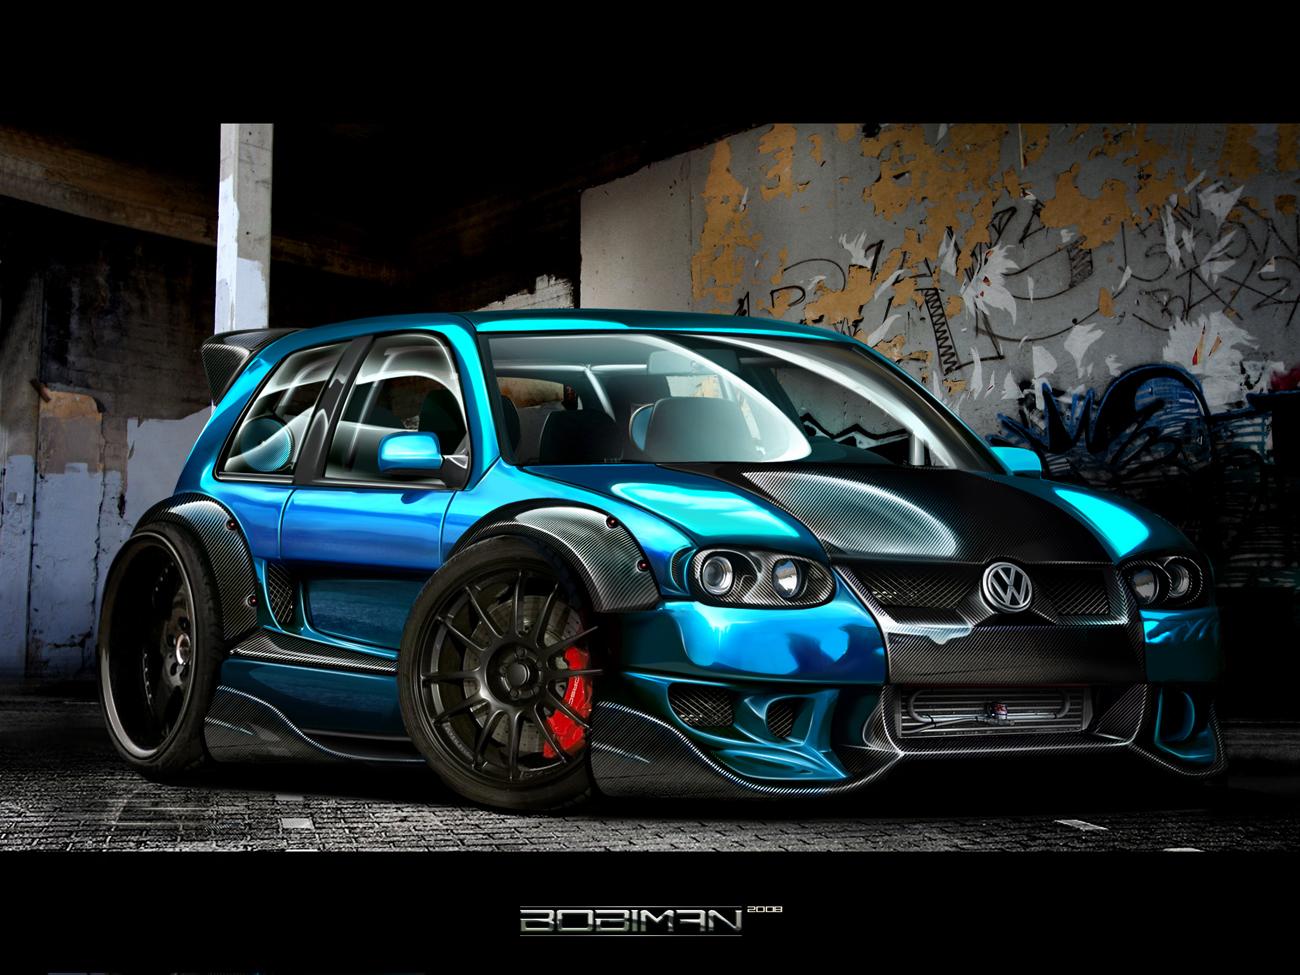 http://4.bp.blogspot.com/-qt06uWT-N-s/T76WFYiwM2I/AAAAAAAAA-I/qWqNuPUZh4E/s1600/Fast+Cars+Wallpaper-2.jpg